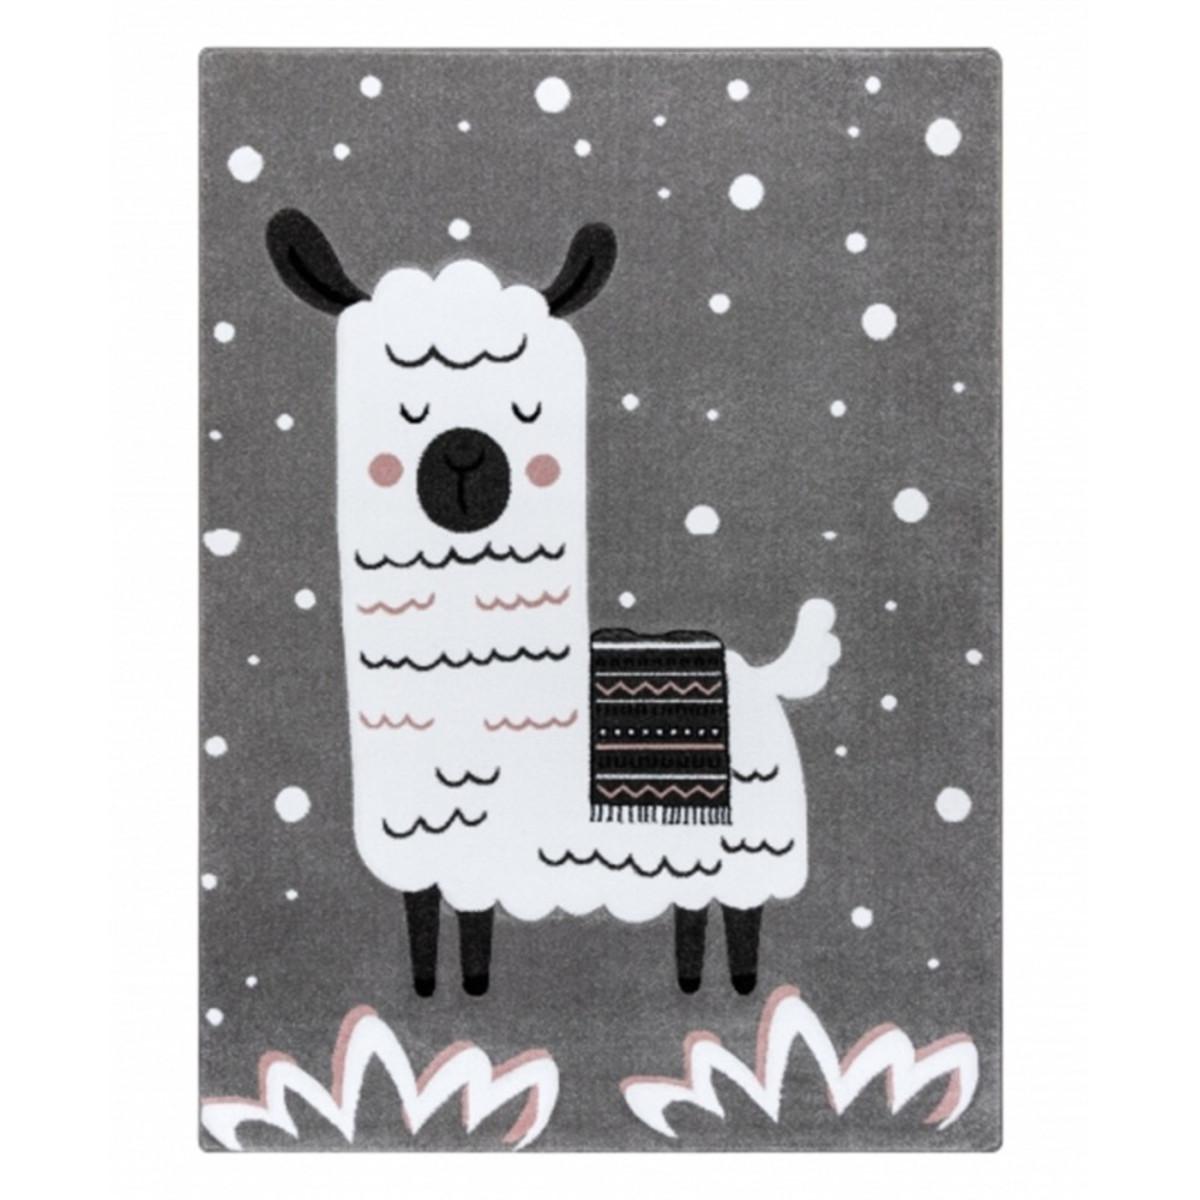 Detský koberec PETIT - Lama - sivý Llama rug - grey 80 x 150 cm